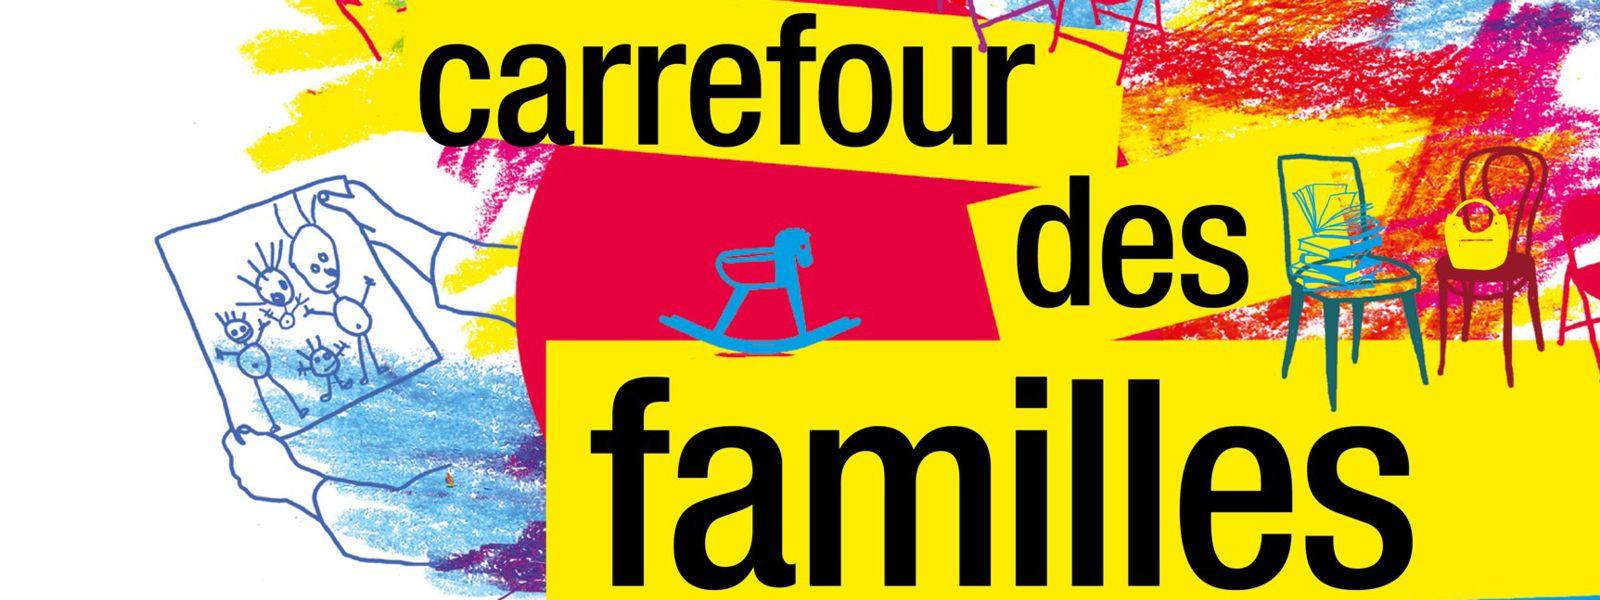 Le Carrefour Des Familles   Ville De Saint-Sébastien-Sur-Loire pour Piscine Enfant Carrefour